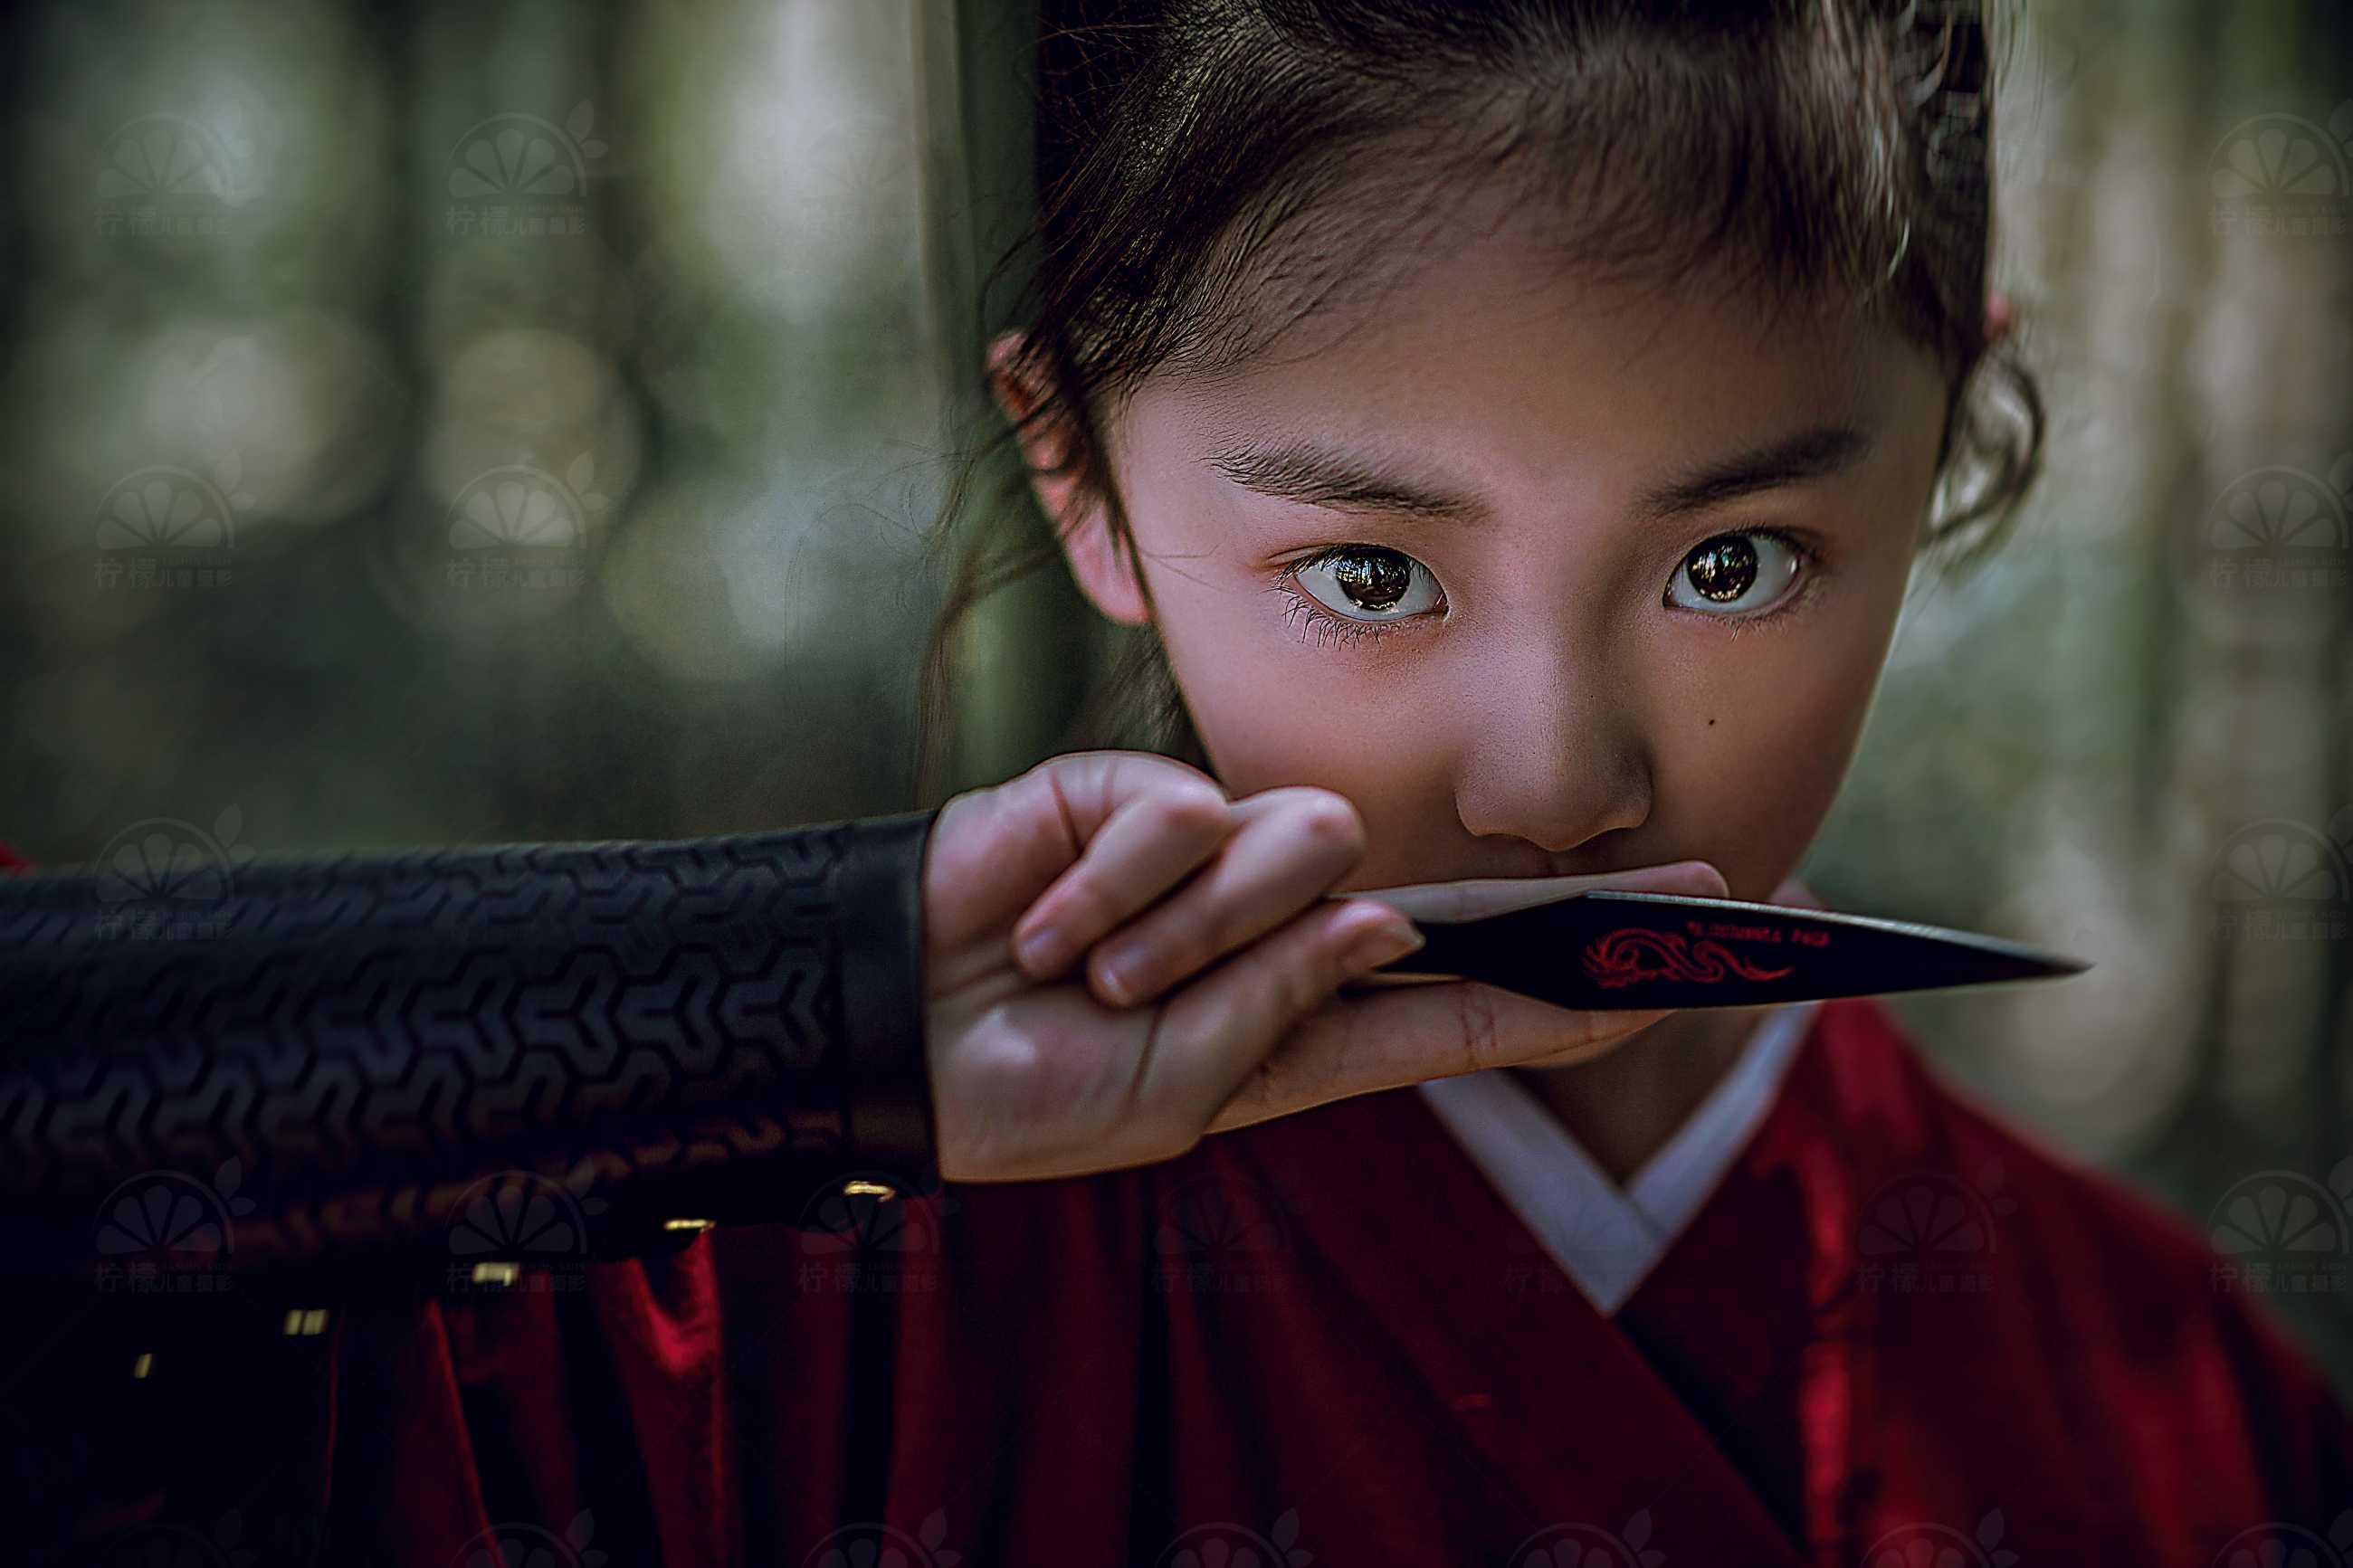 【回帖就可領紅包】檸檬兒童攝影帶你一秒進入江湖!英姿颯爽的《花木蘭》快來體驗!